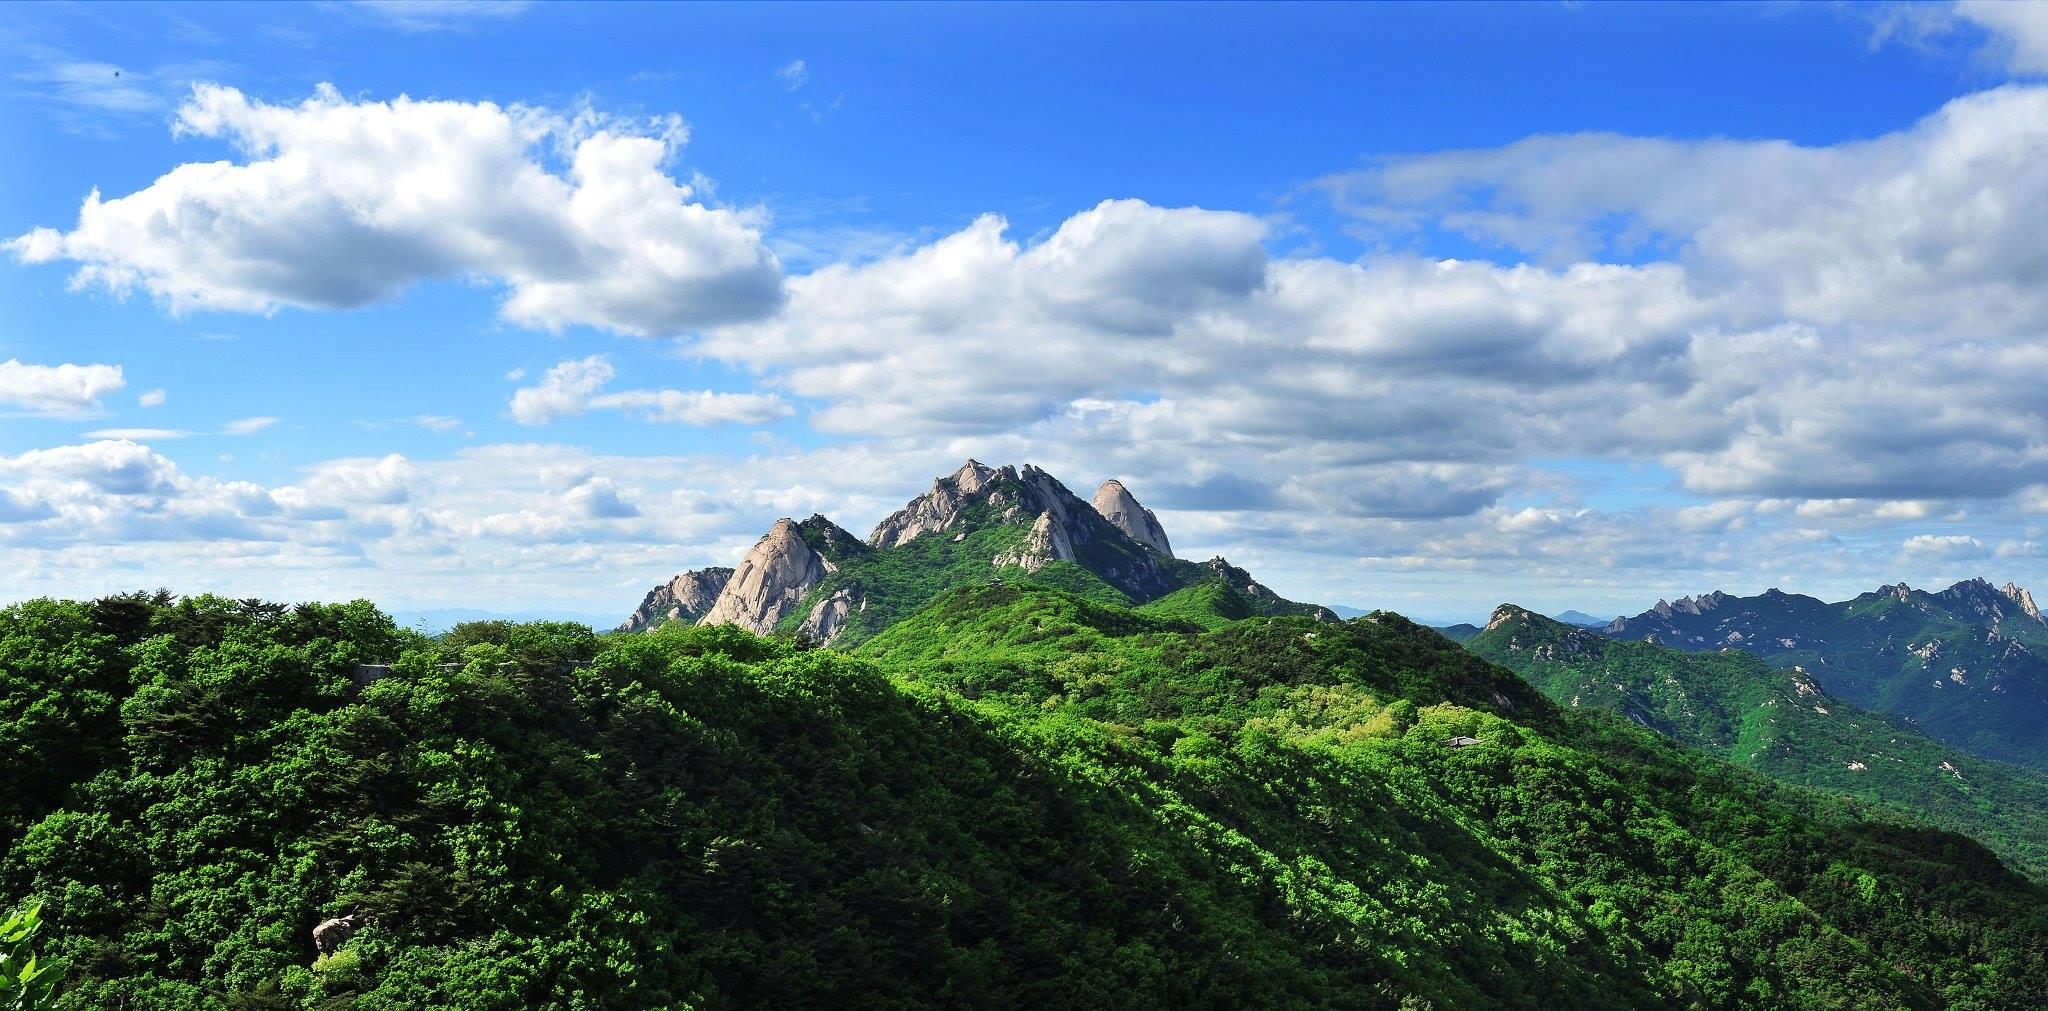 ภูเขาบุกฮันซาน : Bukhansan National Park